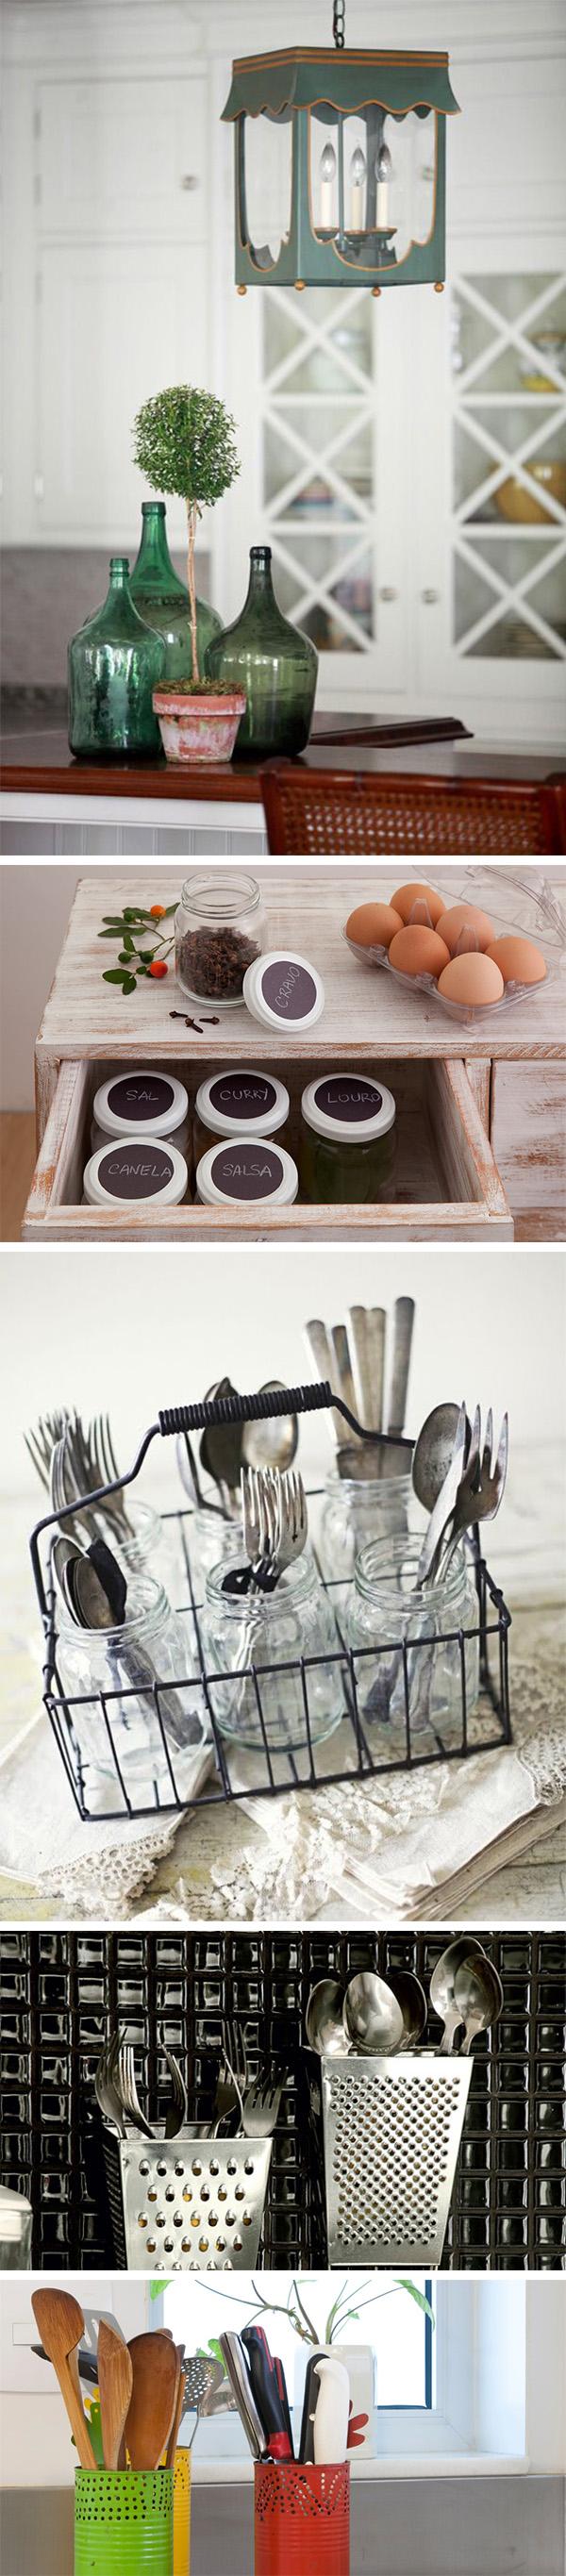 ideias-economicas-para-decorar-cozinha-5